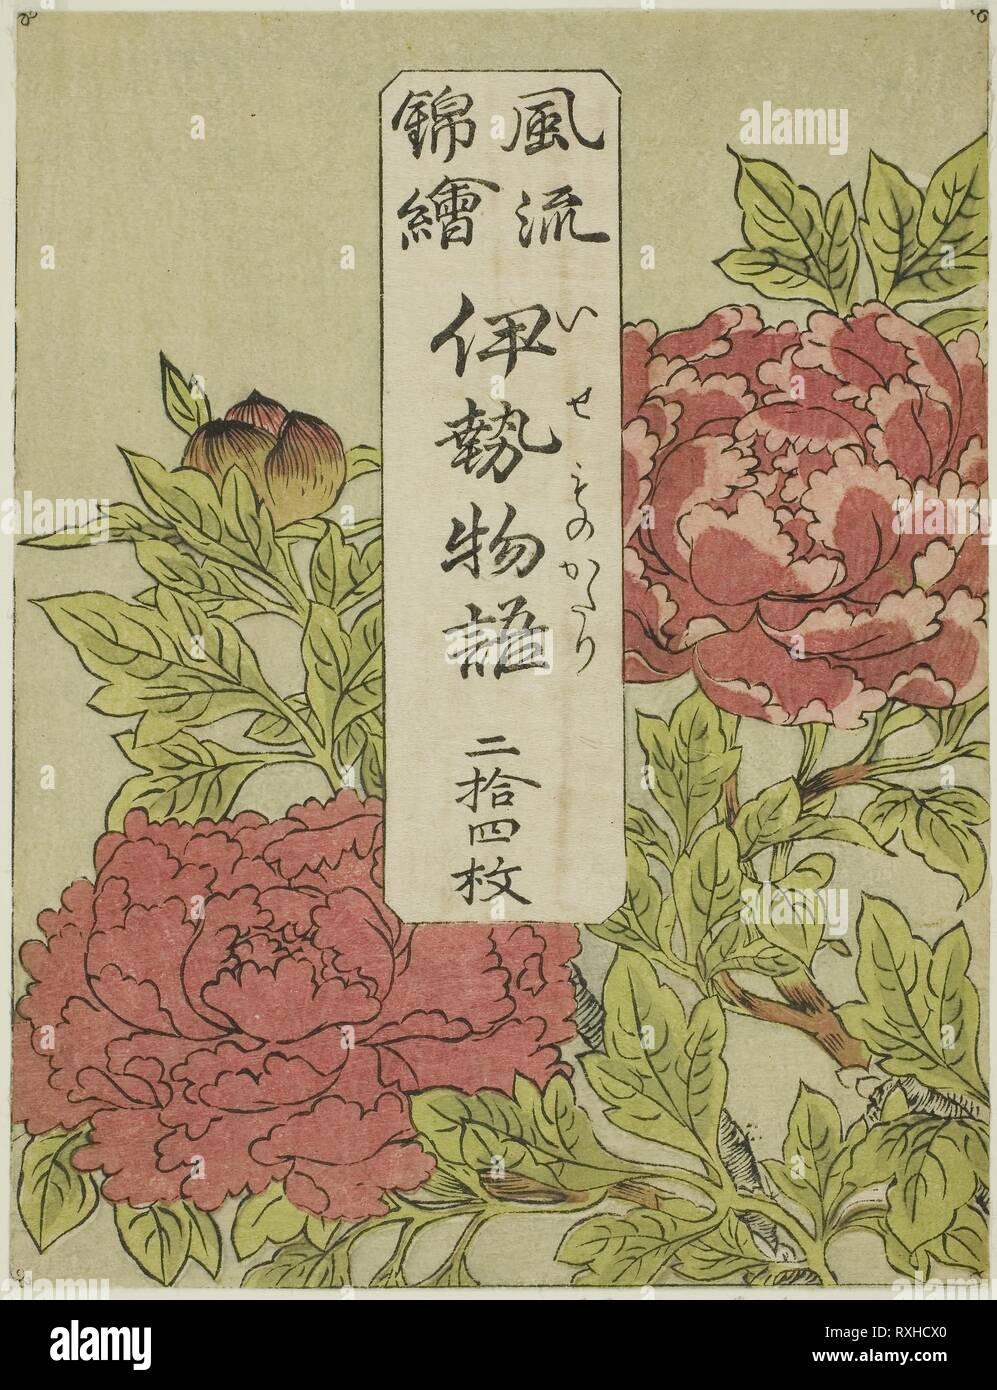 """Color-Printed Wrapper pour la série """"Furyu Nishiki-e Ise Monogatori"""". Katsukawa Shunsho?? ??; Japonais, 1726-1792. Date: 1767-1778. Dimensions: hors tout: 63,5 x 40,8 cm (25 x 16 1/16 in.); Image: 17,5 x 13,5 cm (6 7/8 x 5 5/16 in.). Gravure sur bois en couleur. Origine: Japon. Musée: le Chicago Art Institute. Banque D'Images"""